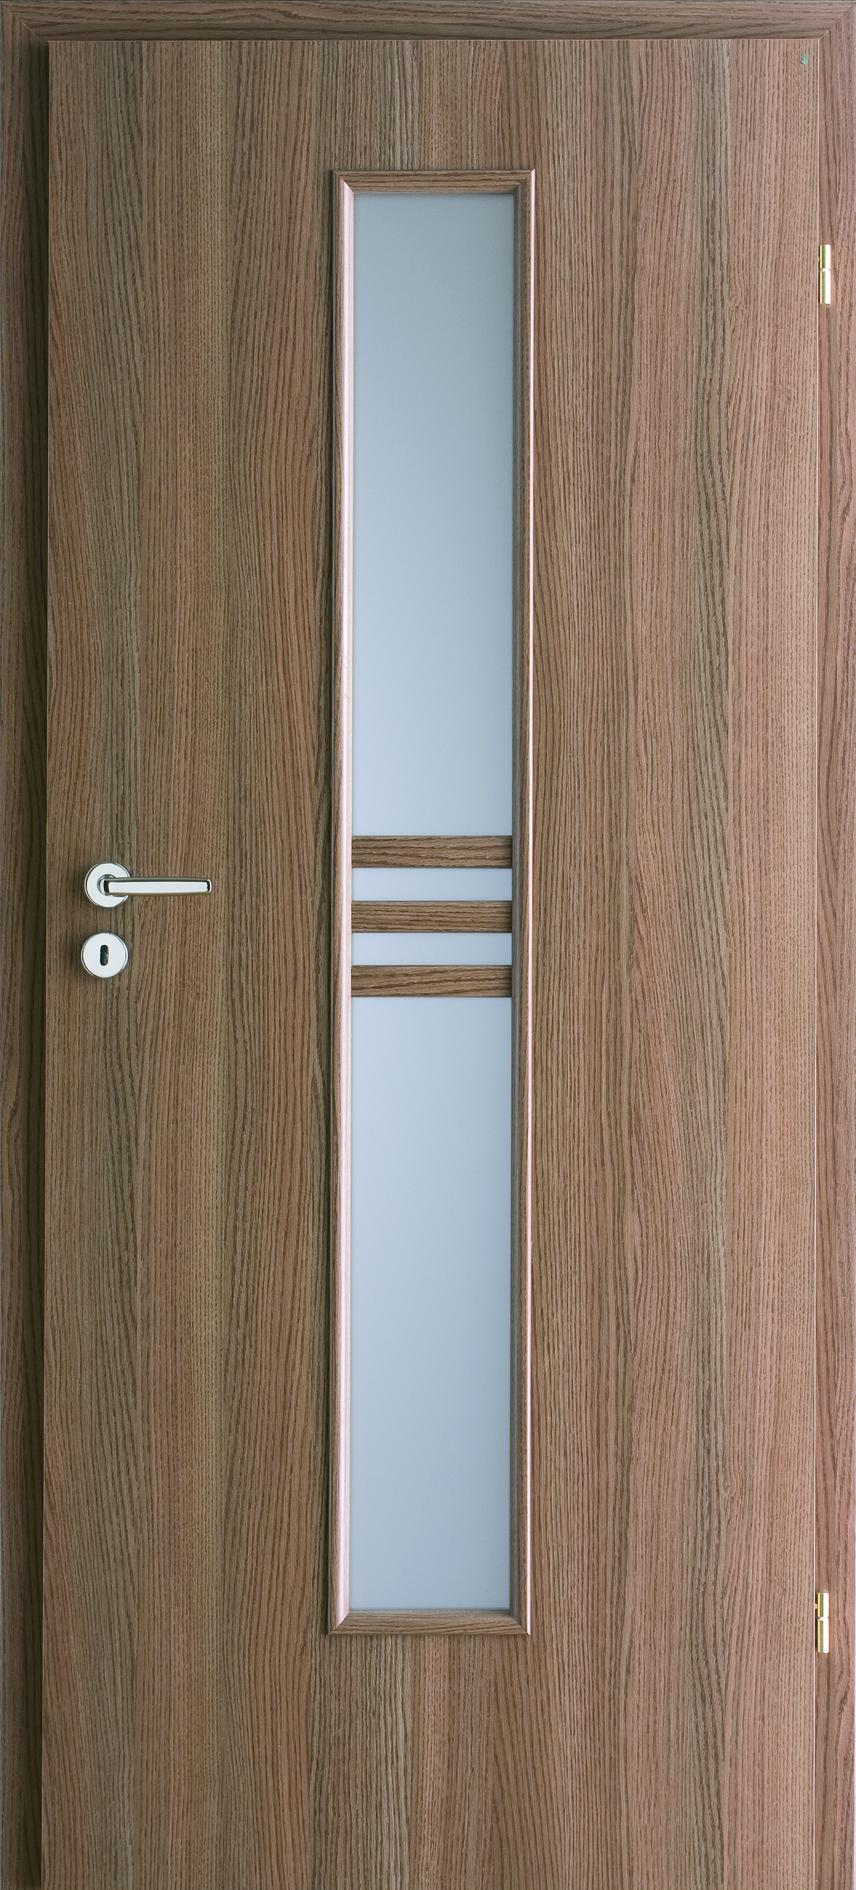 Dvere Porta Styl, vzor 1